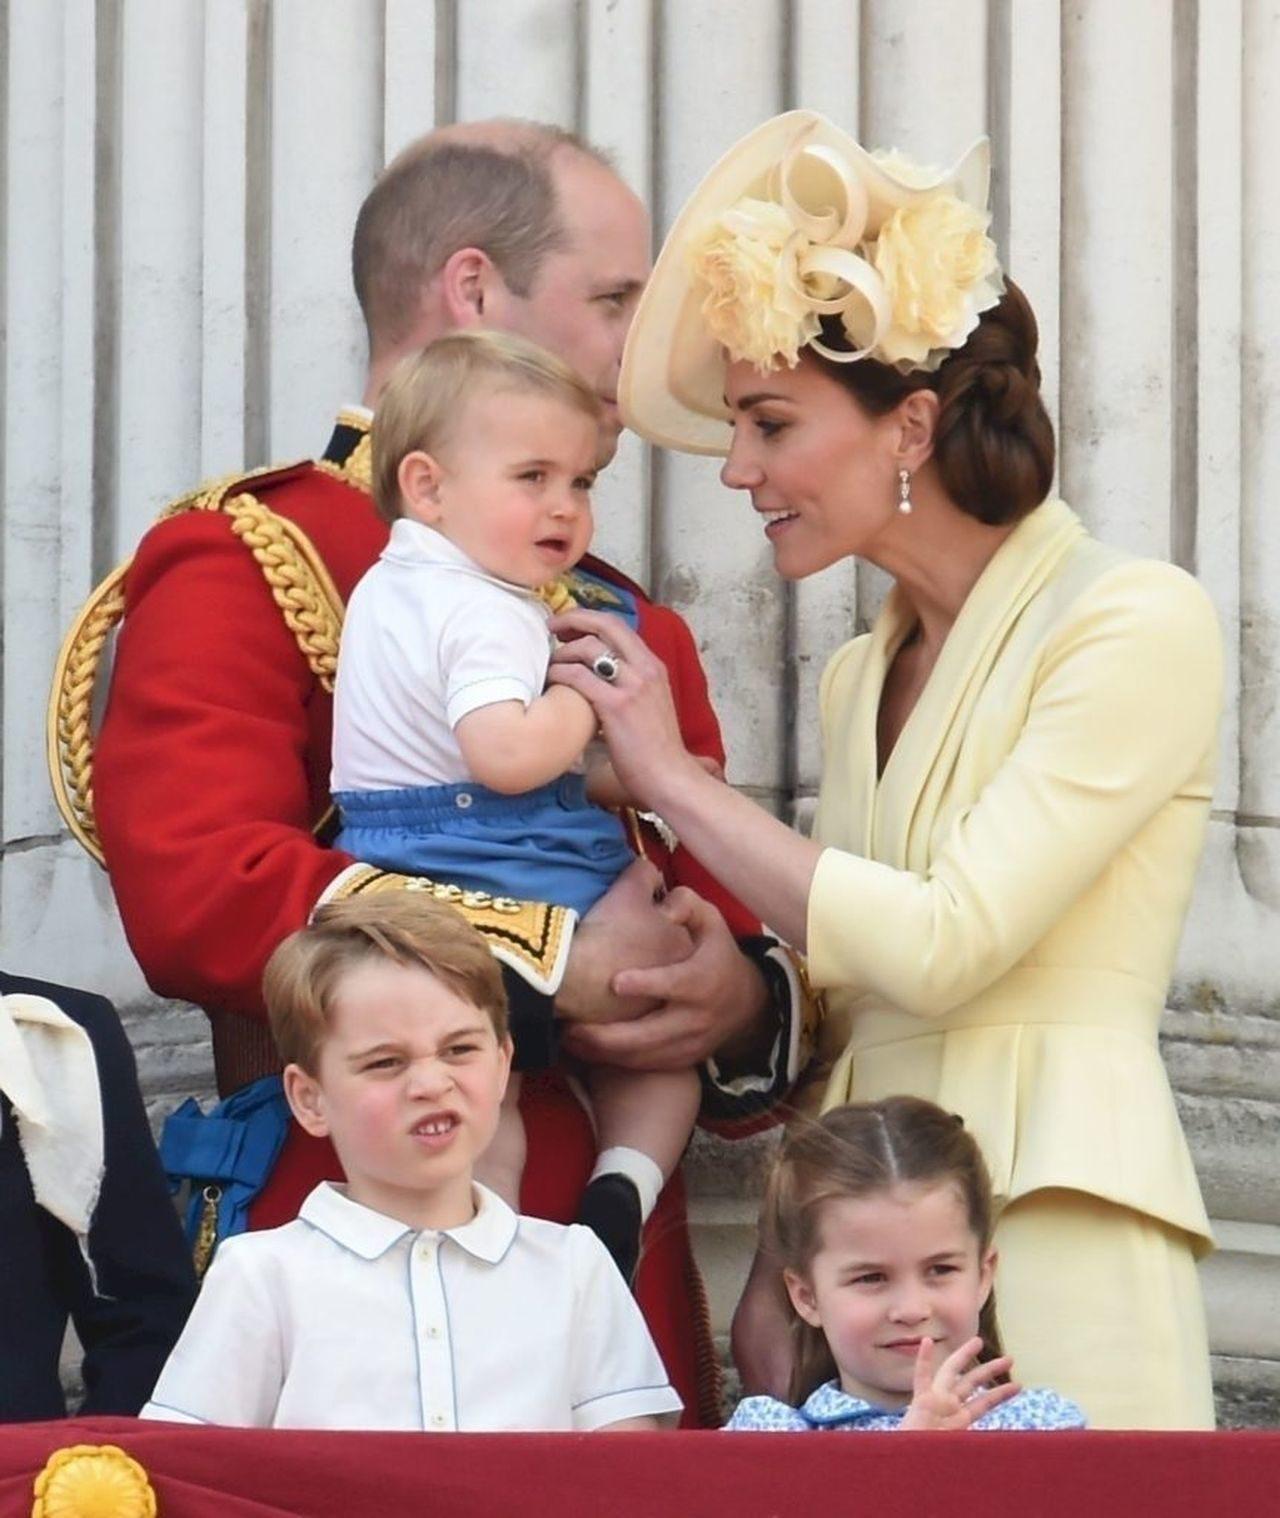 Książę William i Księżna Kate z dziećmi na oficjalnym wystąpieniu.